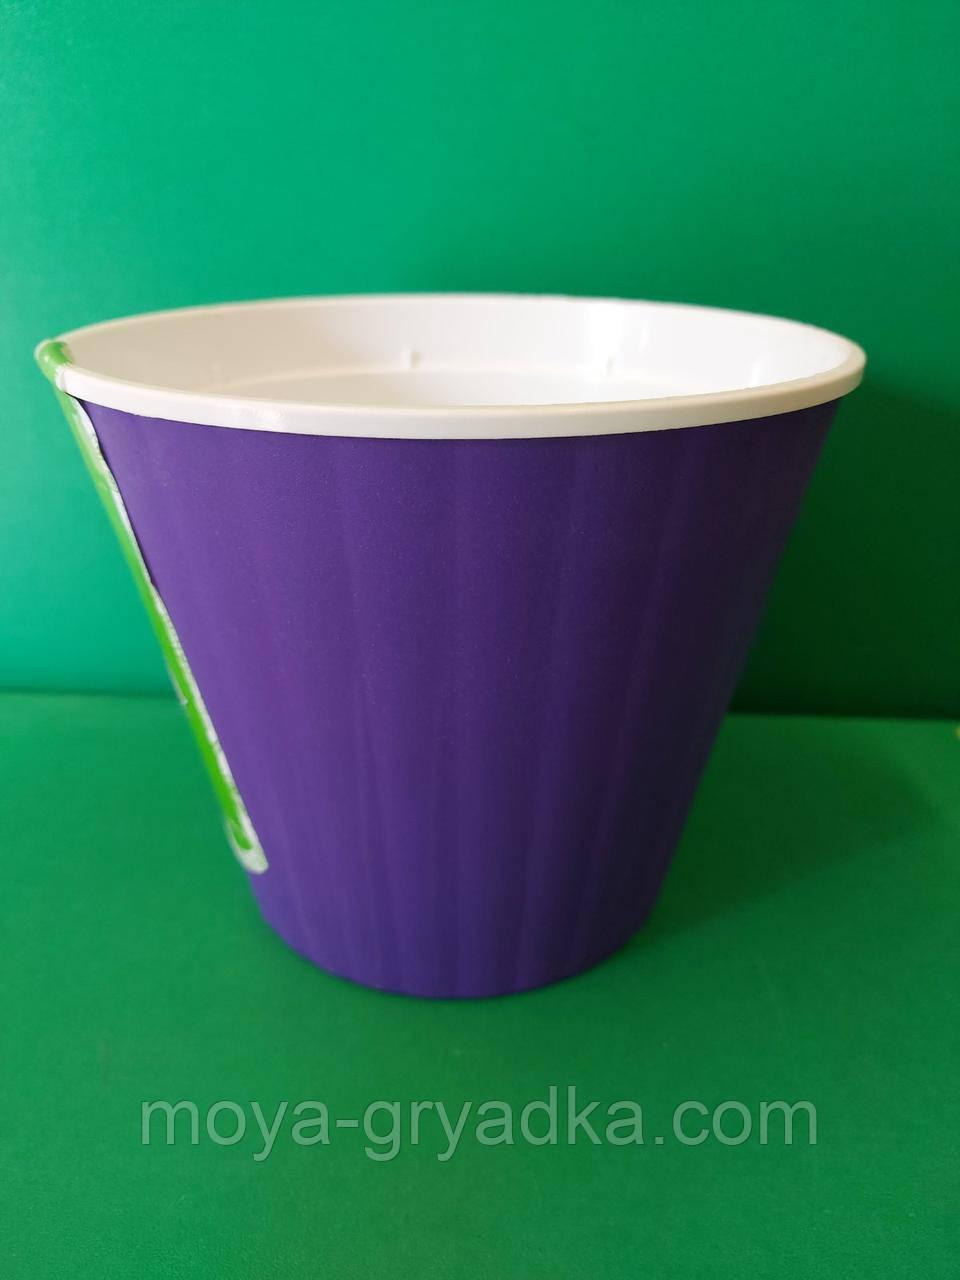 Ібіс 15,7*13 Горщик для квітів, колір фіолетово-білий